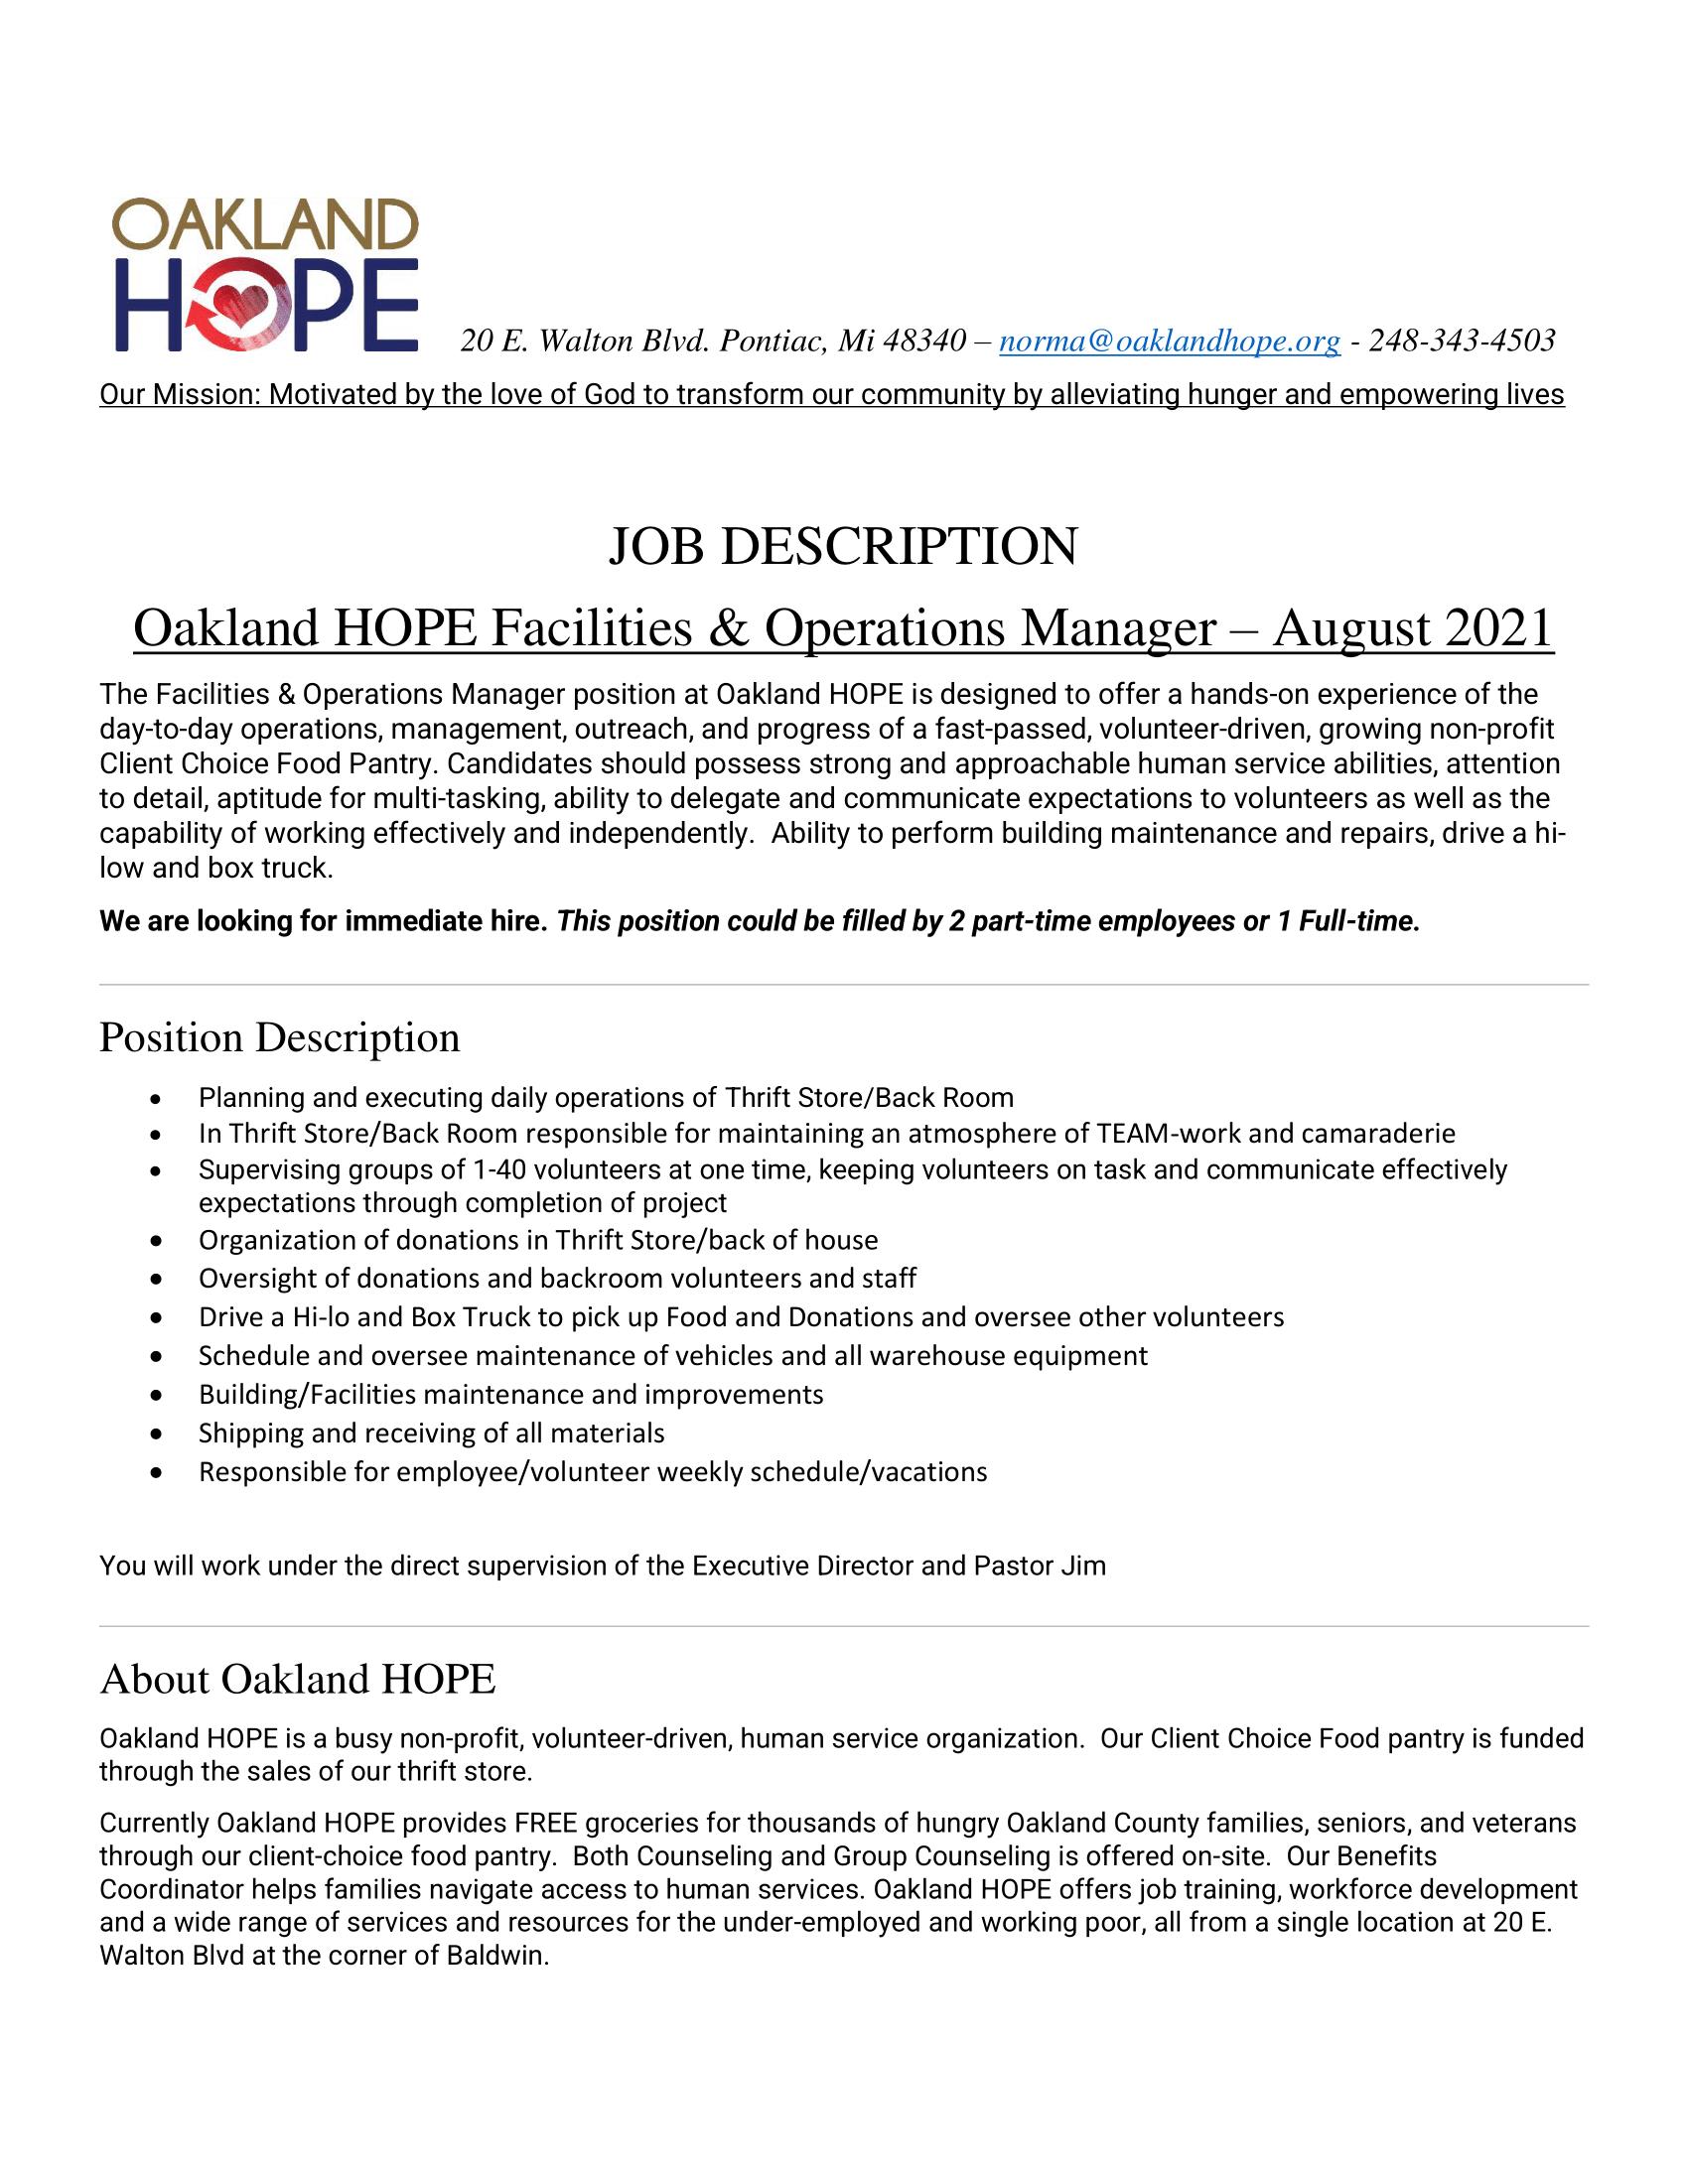 Job Description Facilities-Operations Manager 8-25-21-1